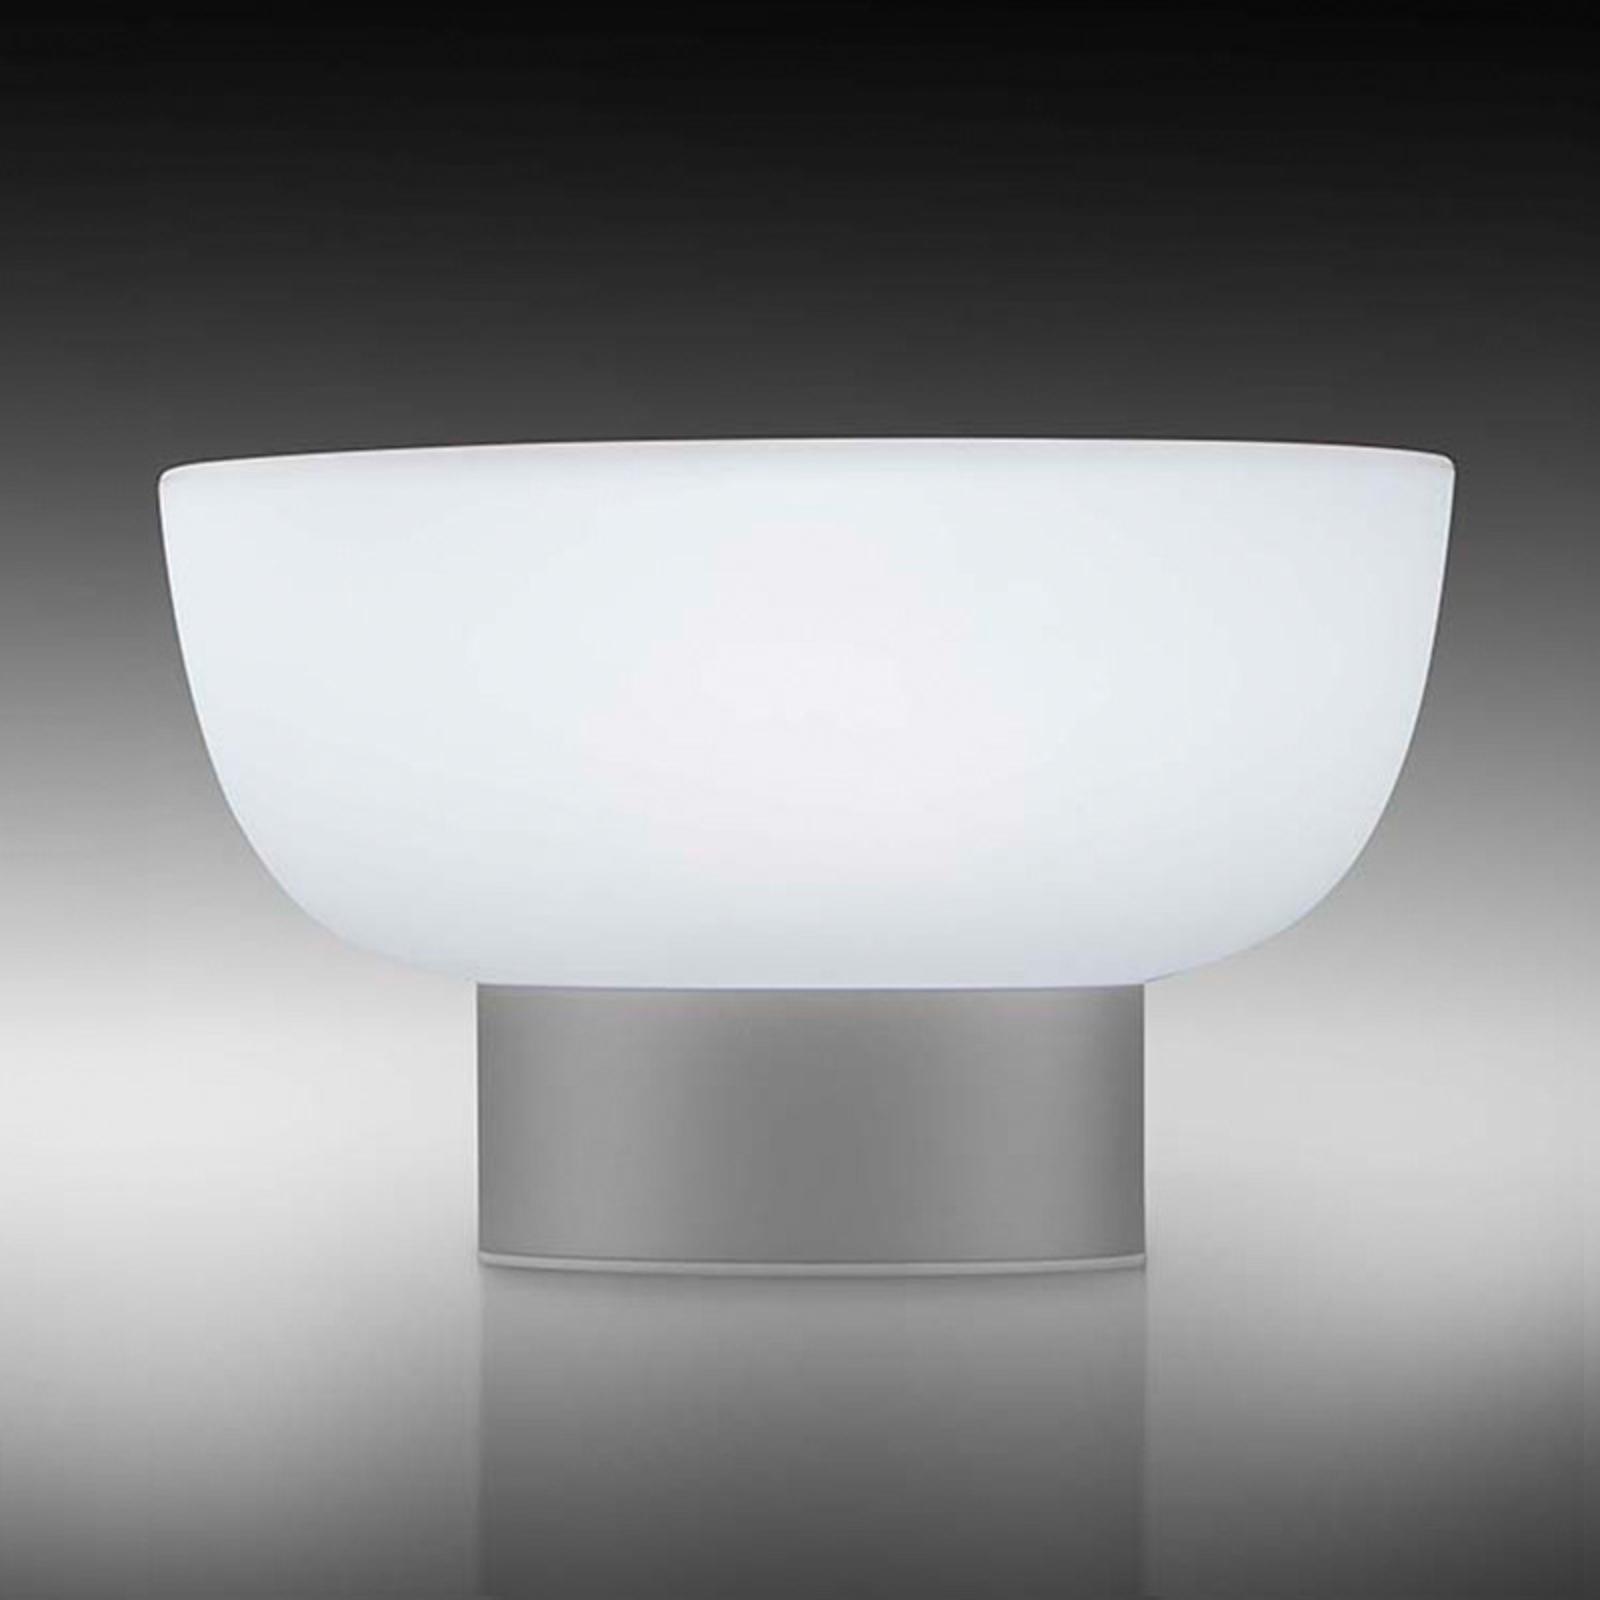 LED-Außendekoleuchte Patio, silber, 20 cm